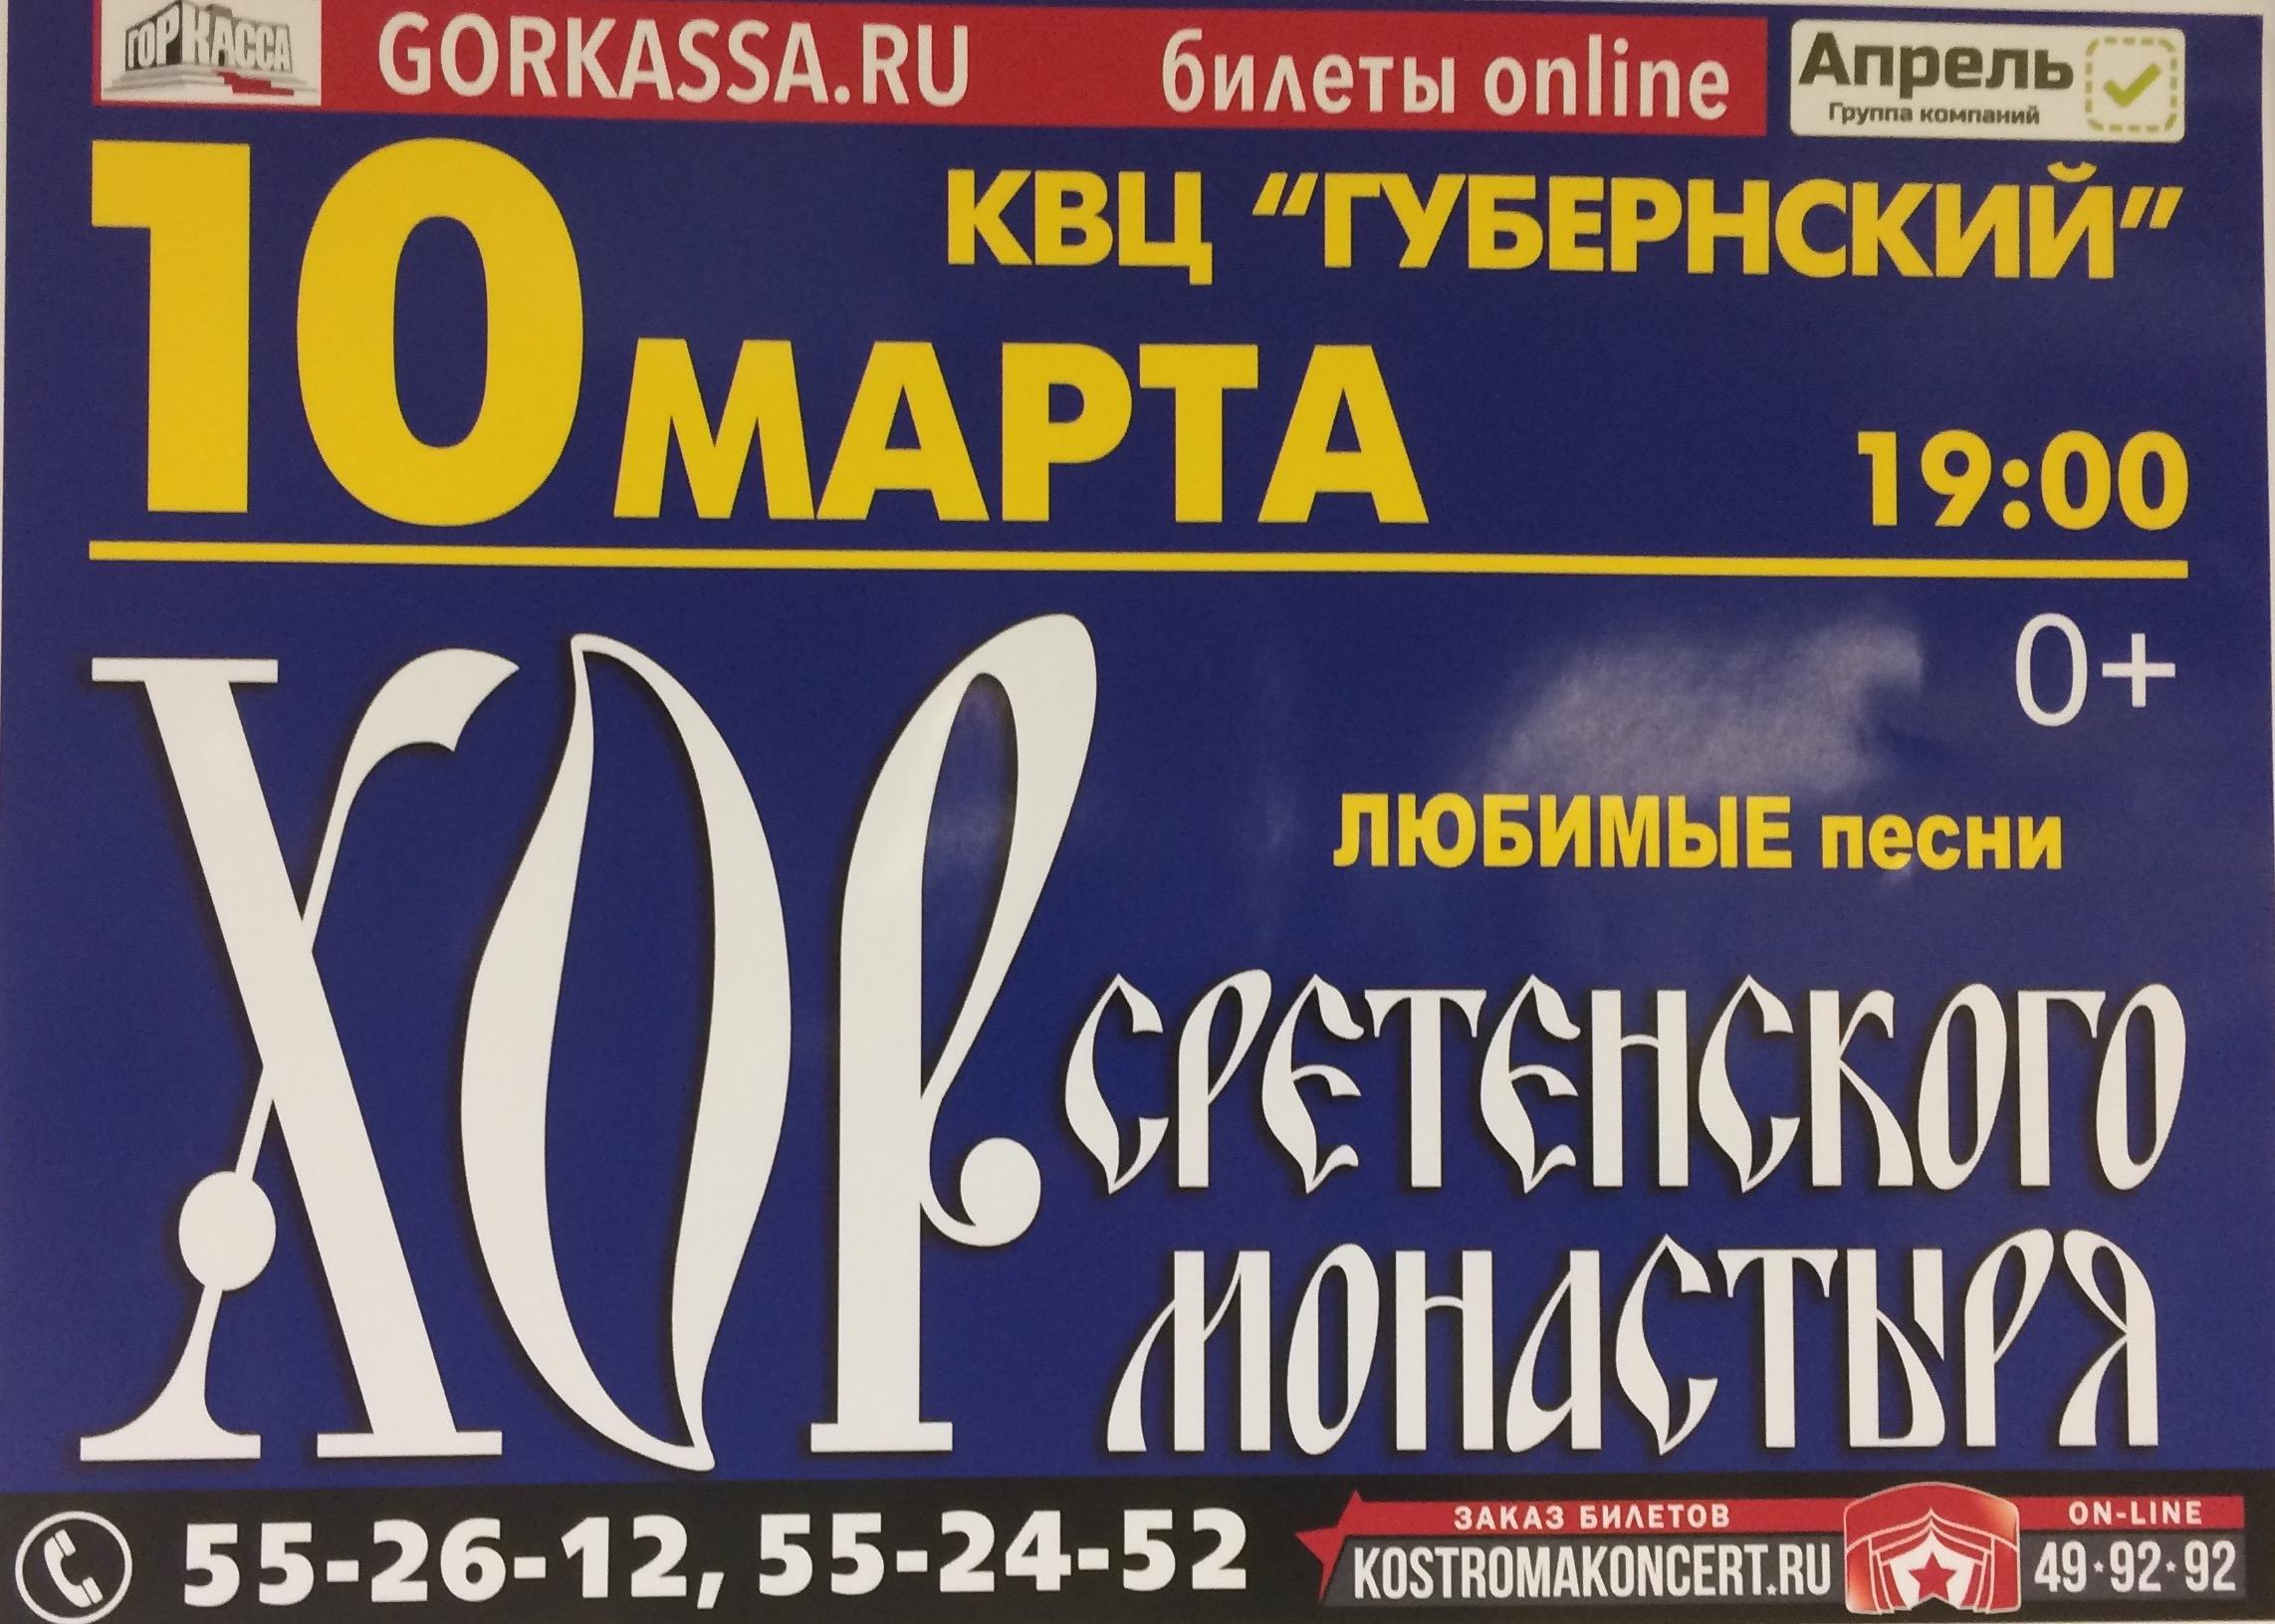 Концерт г. Кострома: http://www.kvc-kos.ru/afisha_16_17/10.03.php